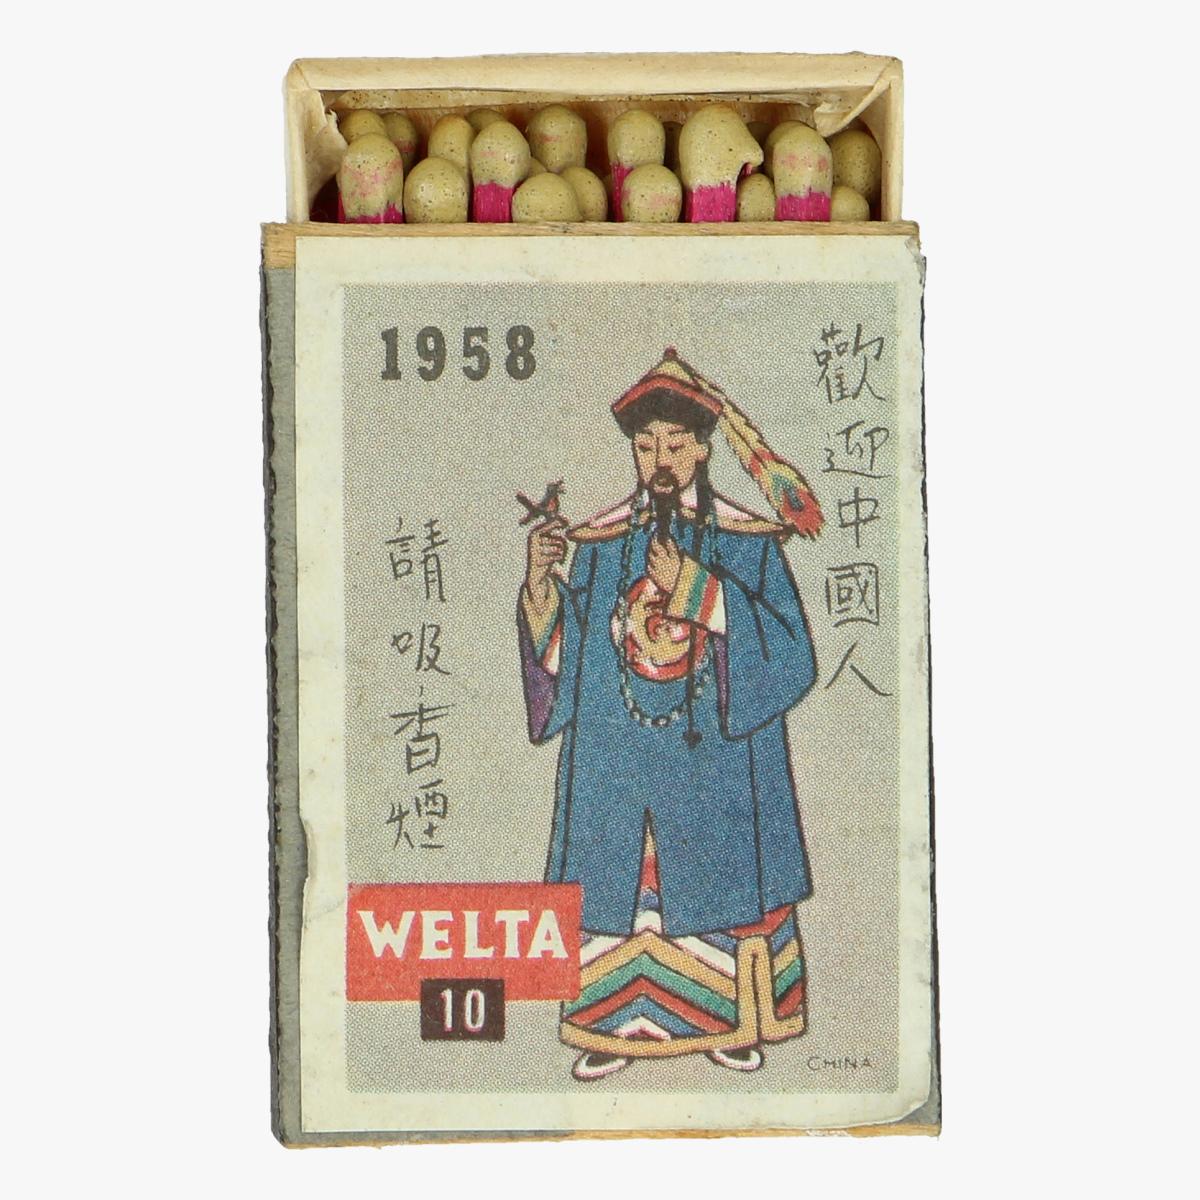 Afbeeldingen van expo 58 lucifers china